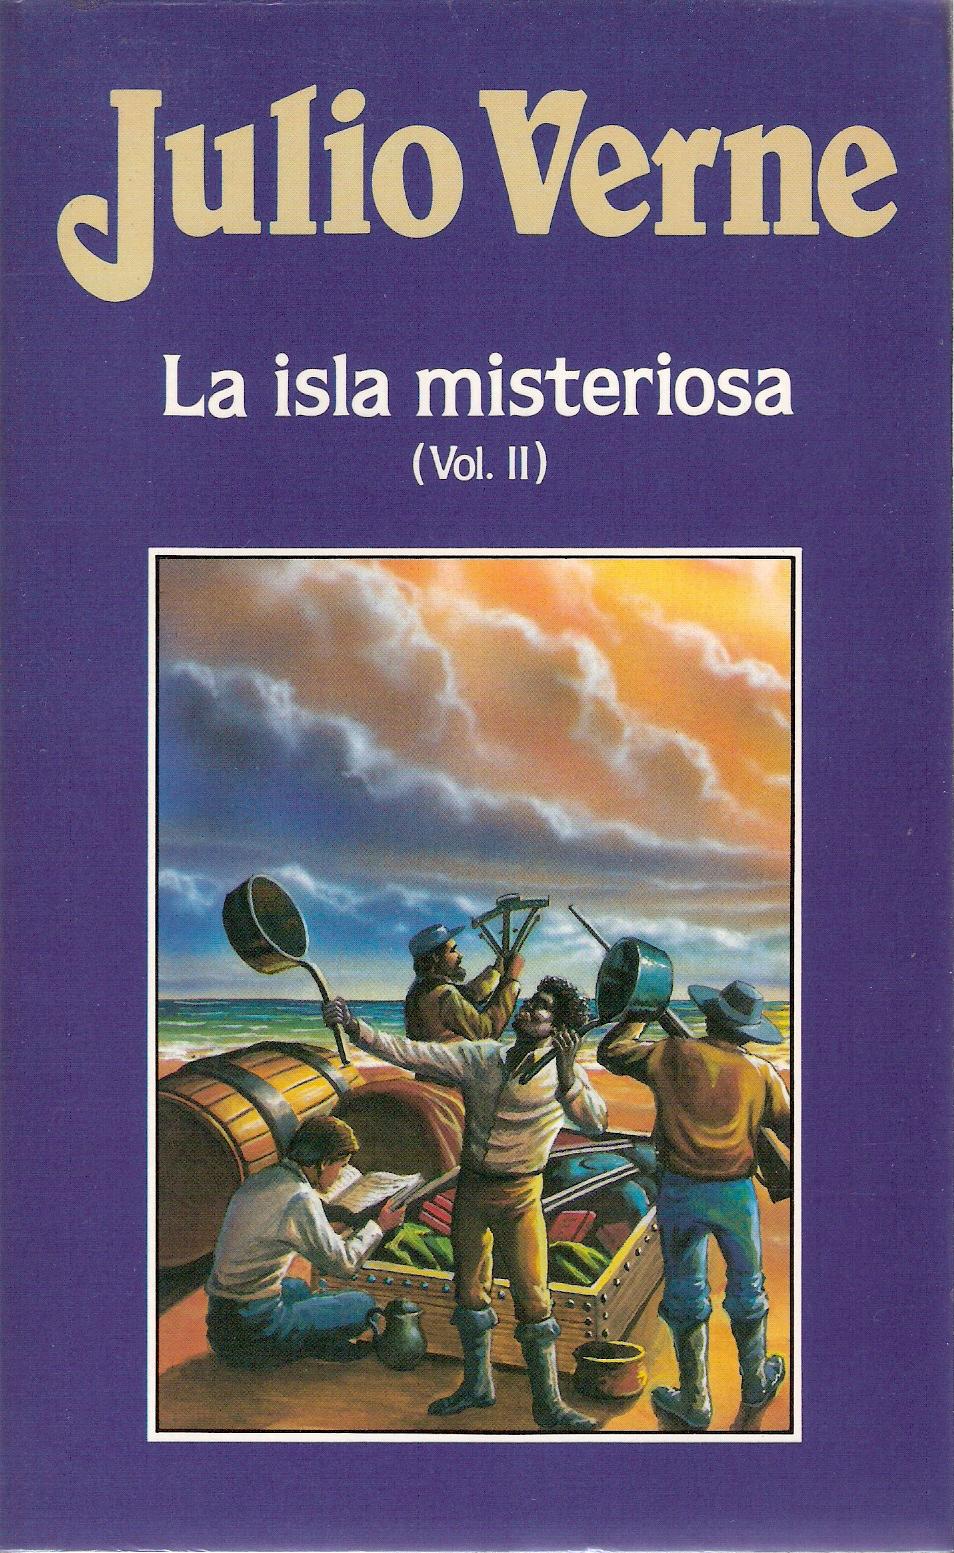 La isla misteriosa II